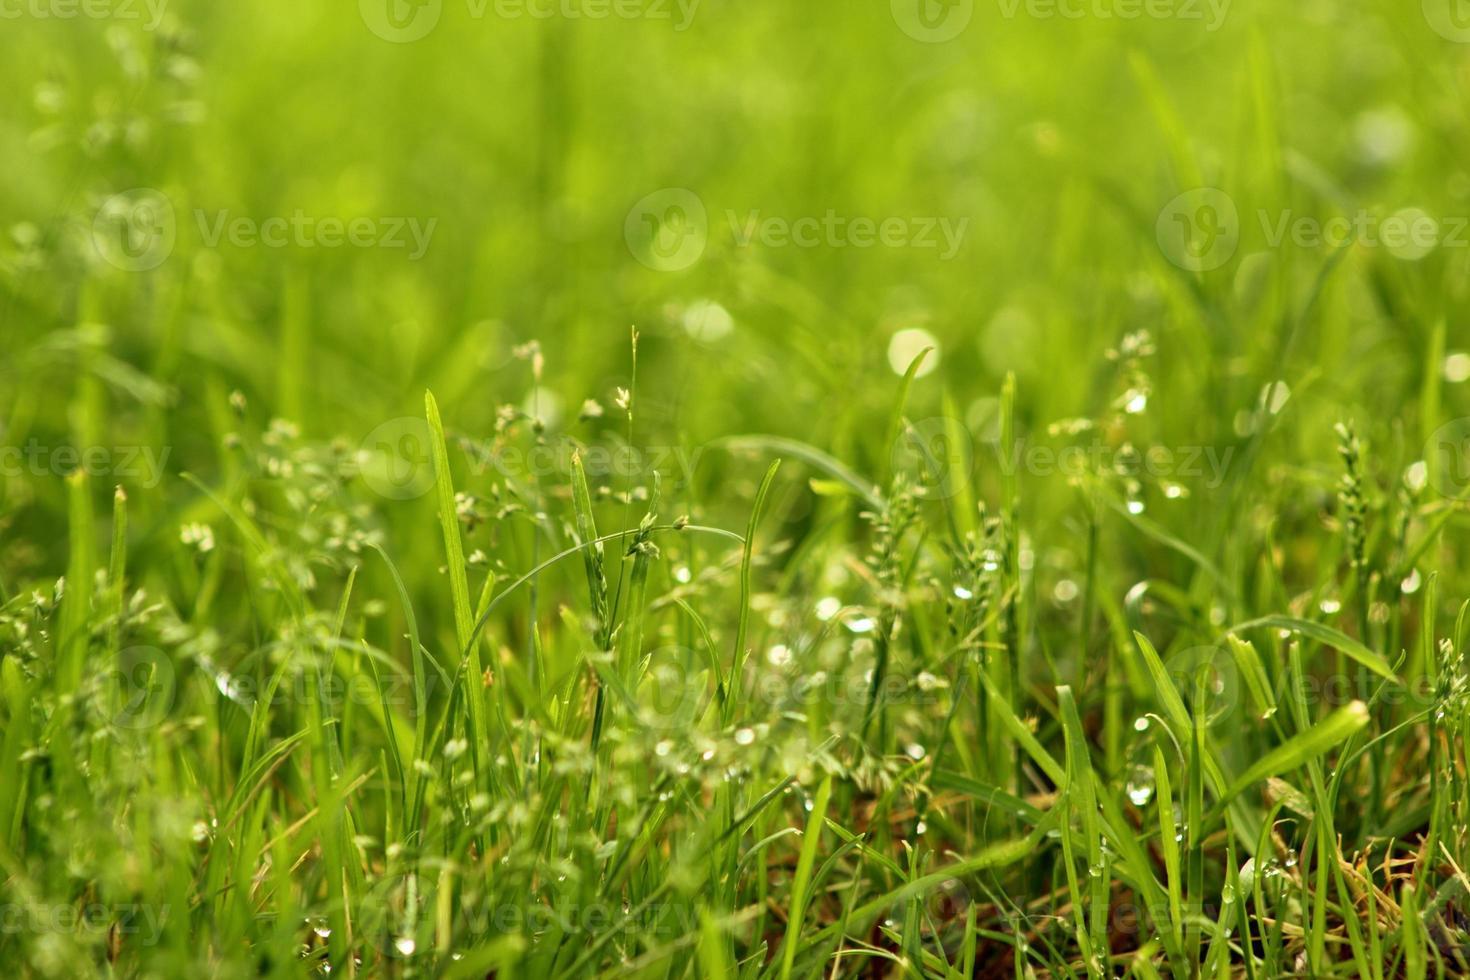 con erba acquatica foto